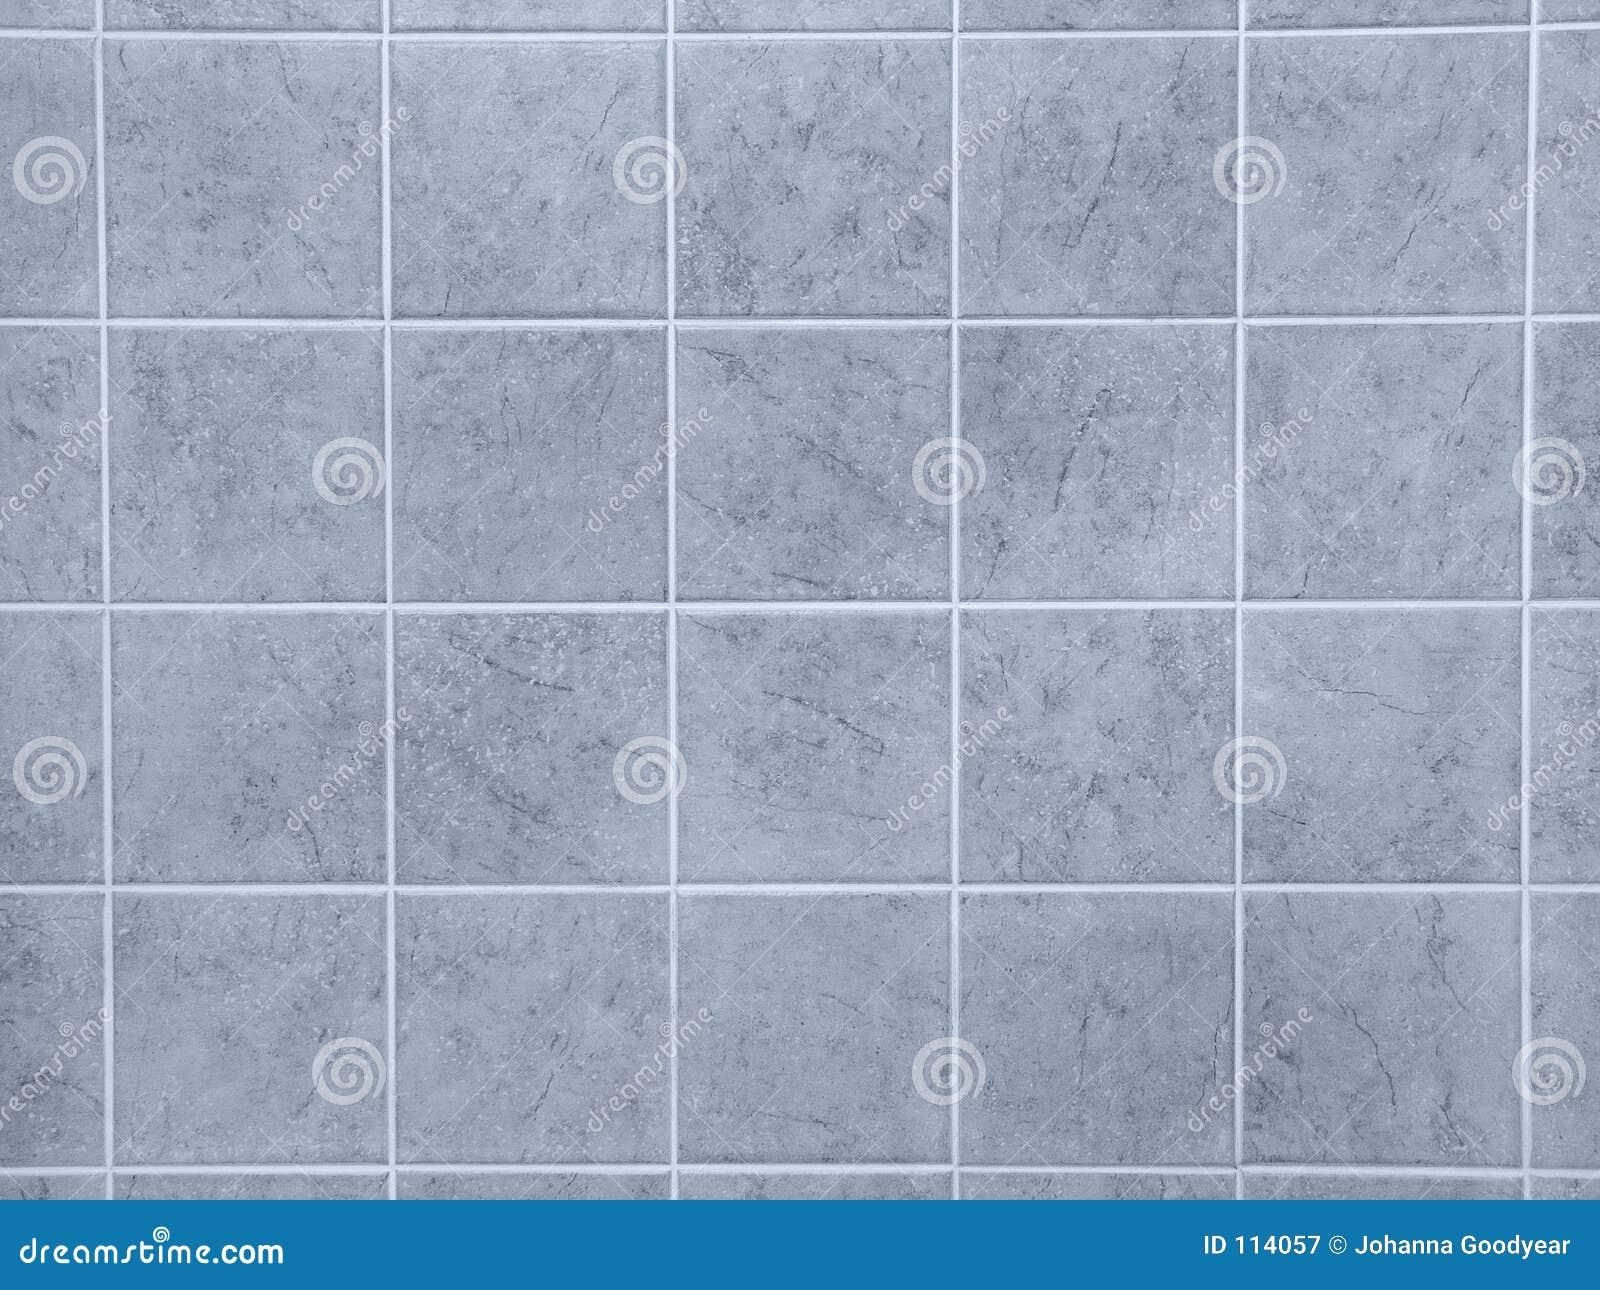 Imagenes De Baños Azules:Fotos De Banos Con Azulejo